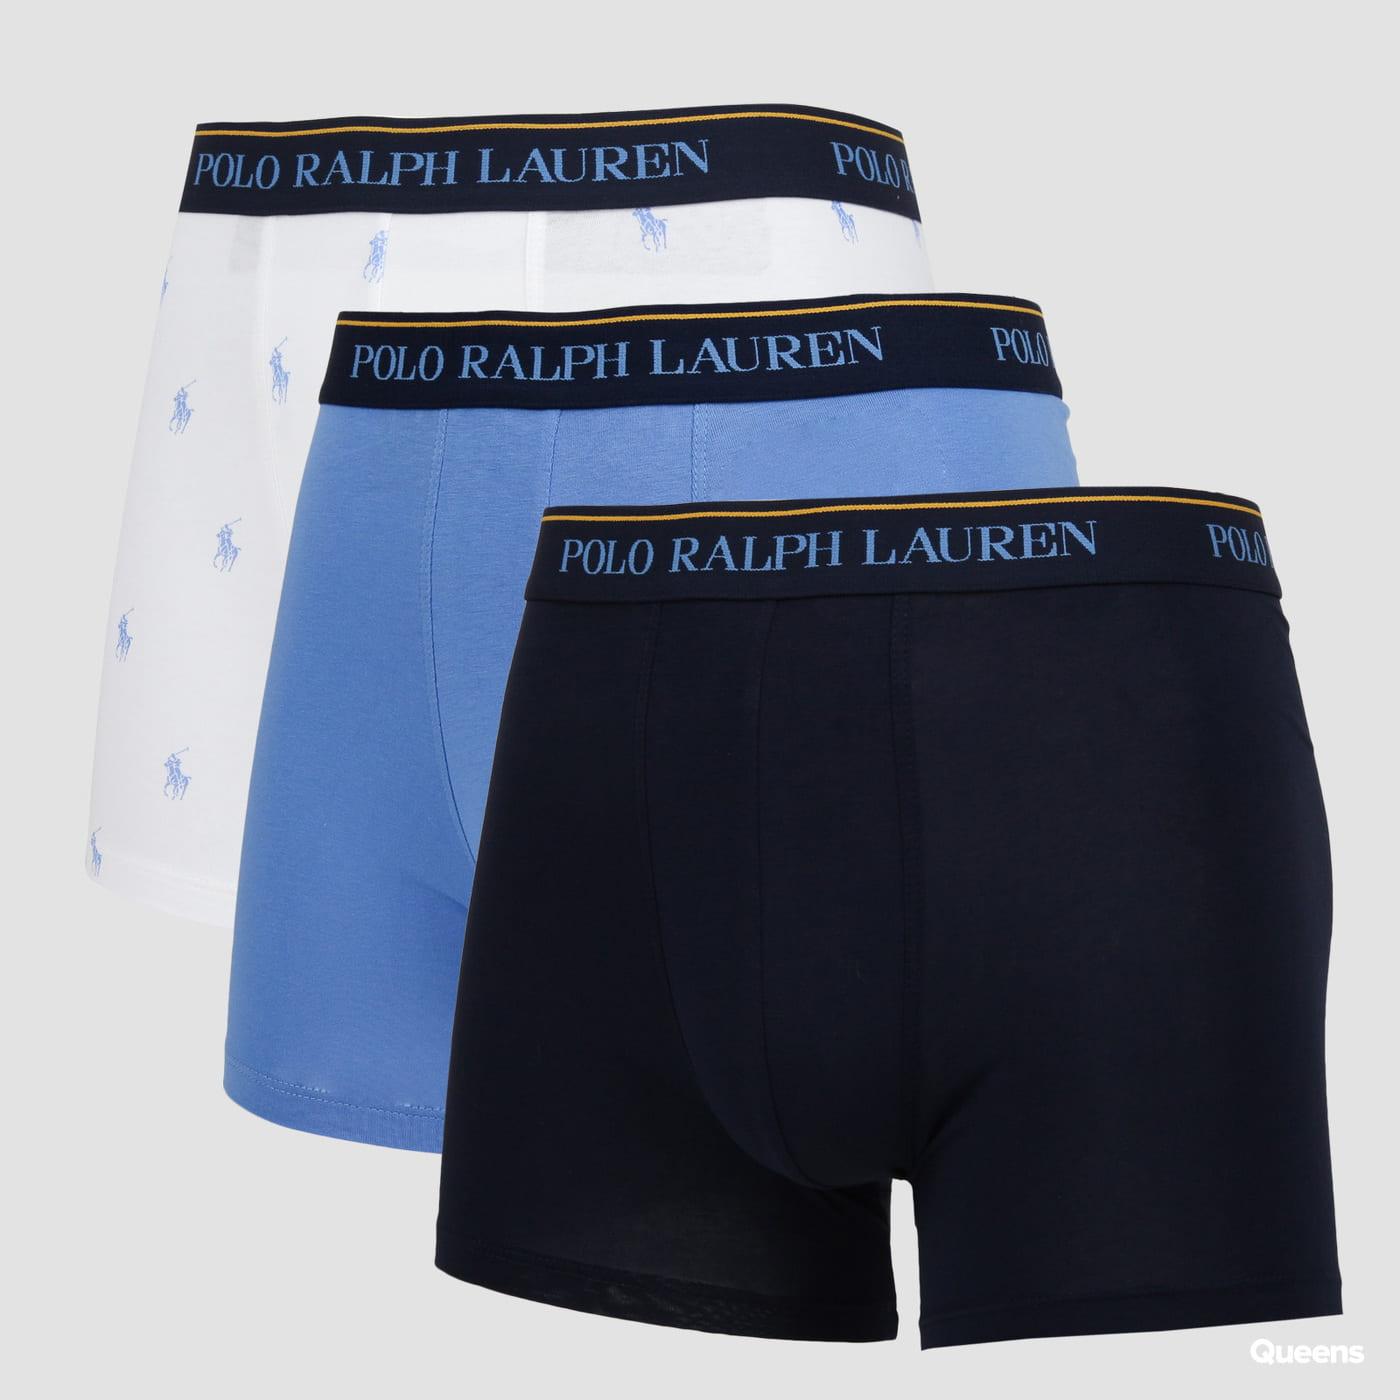 f0a5d1cd44 Polo Ralph Lauren Boxer Briefs - 3 Pack (714730410001) – Queens 💚